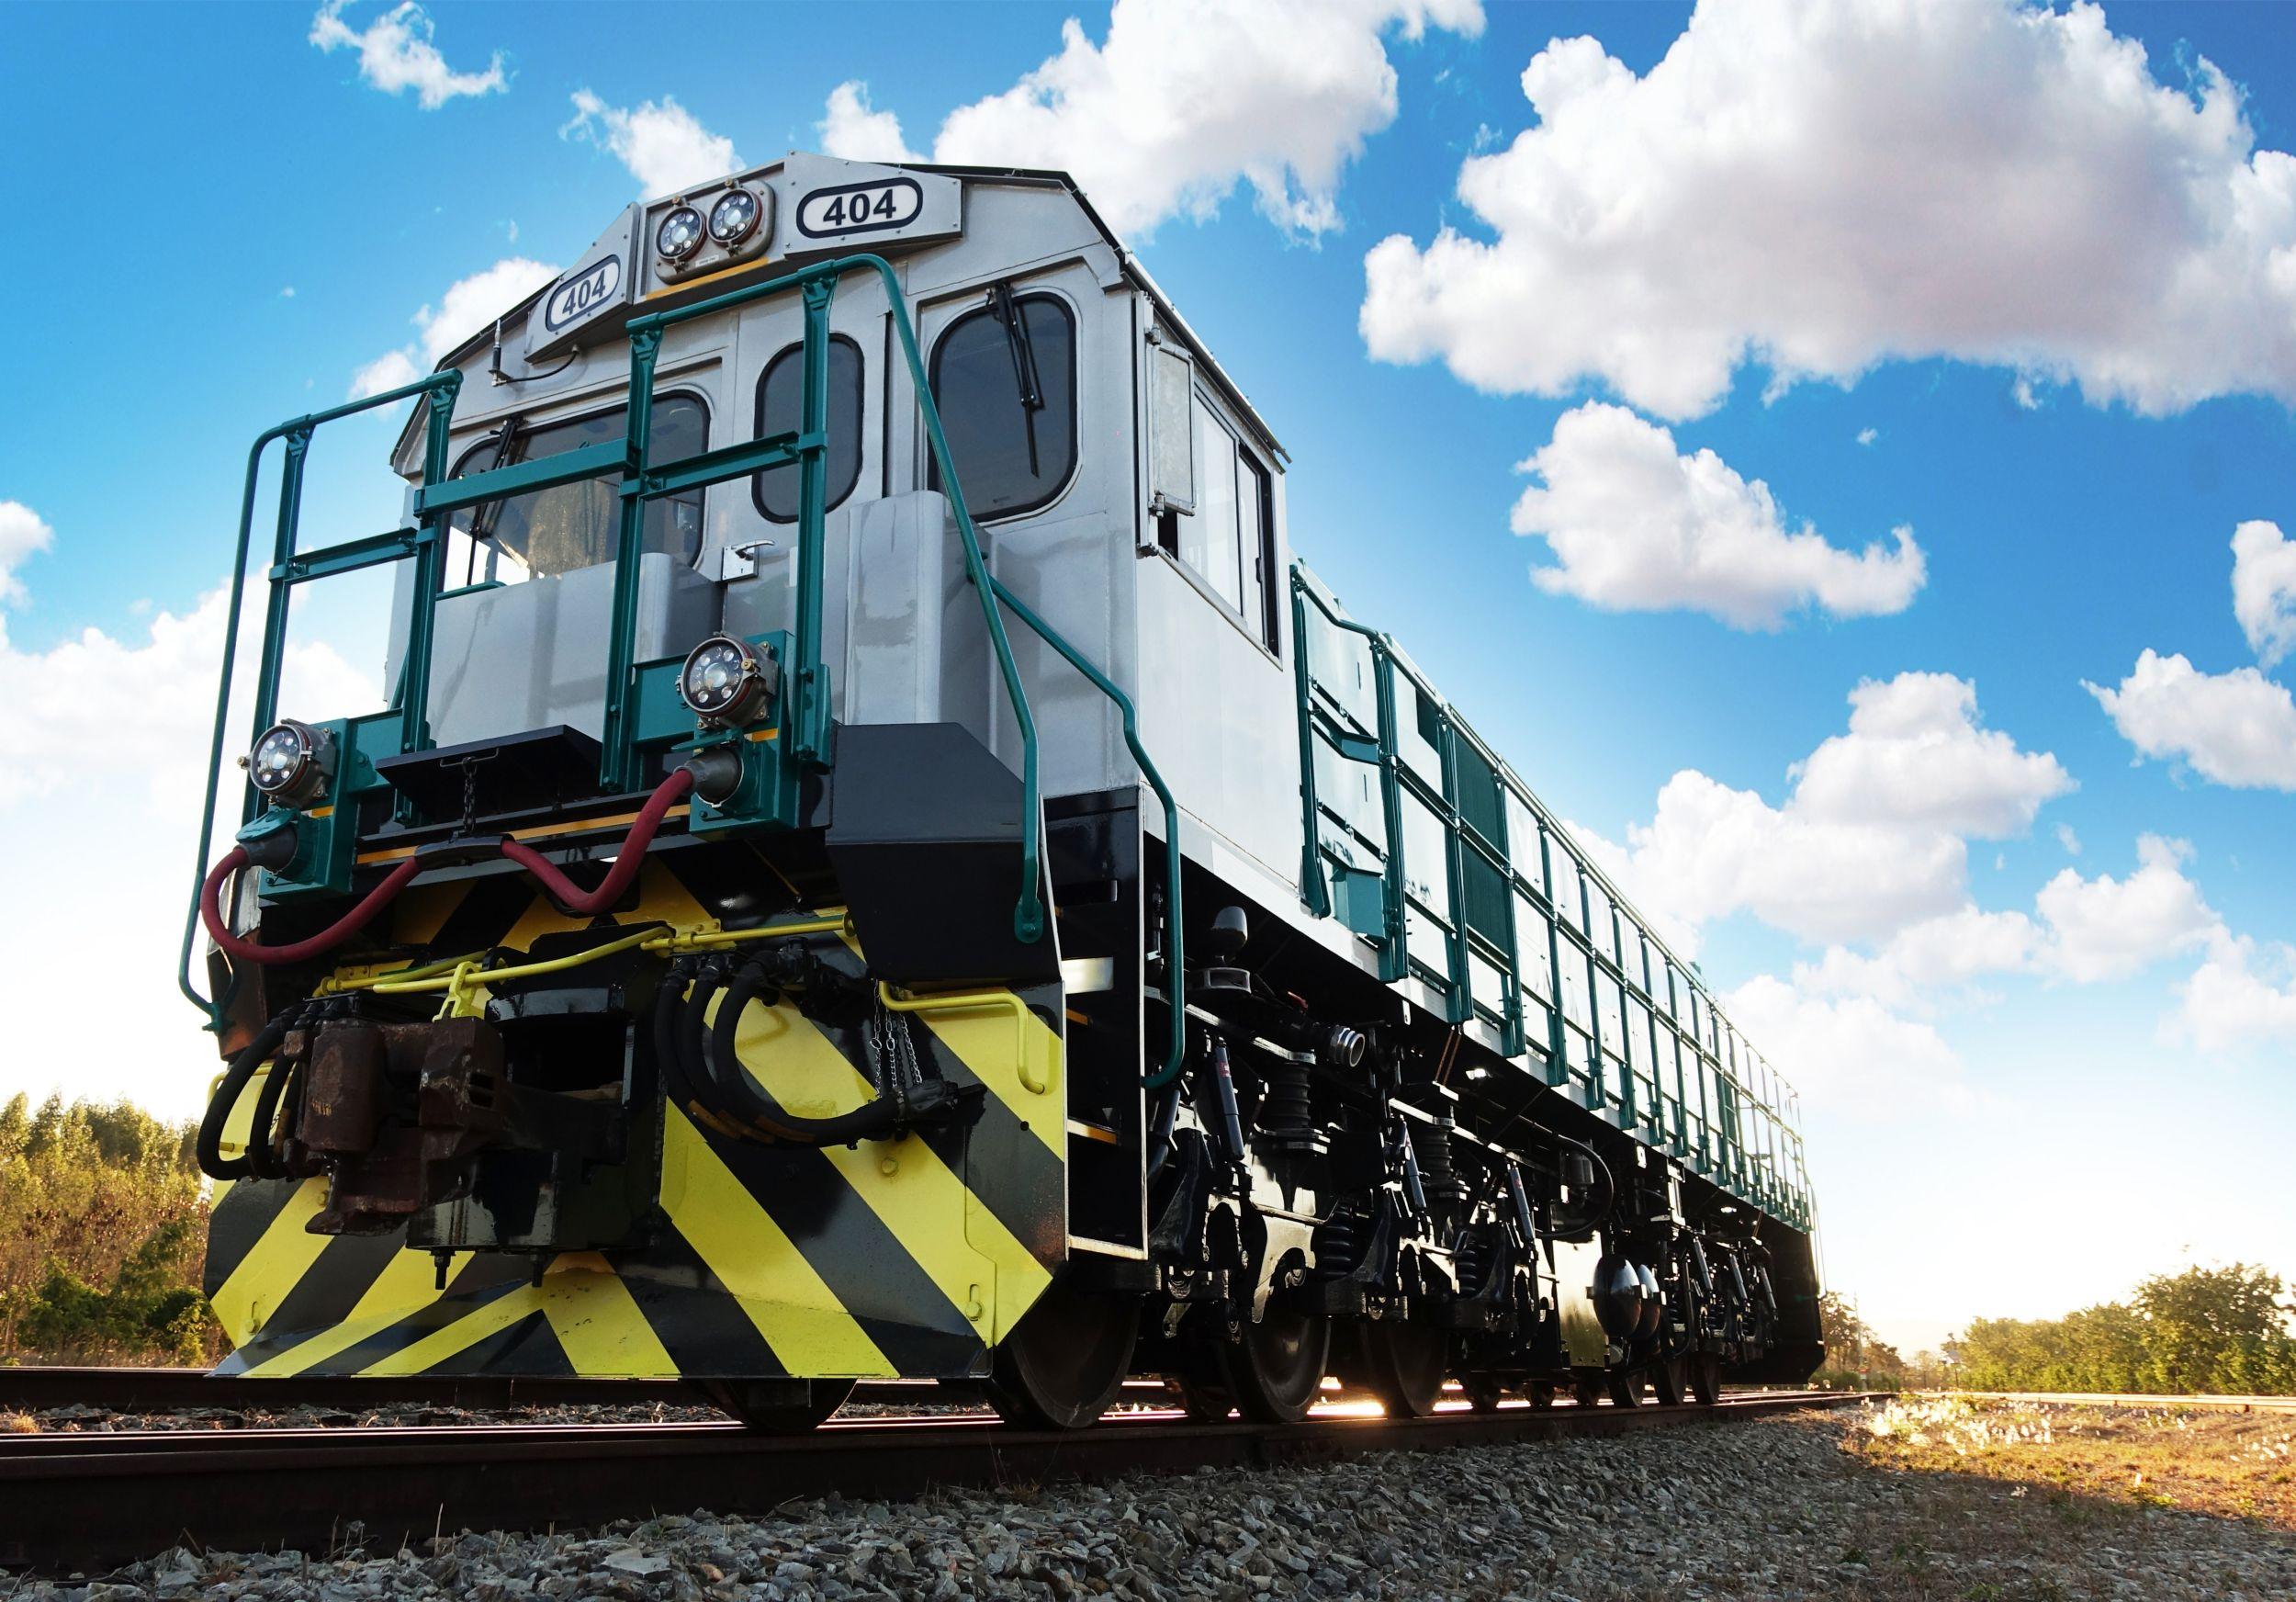 EMD® Joule Freight Locomotive